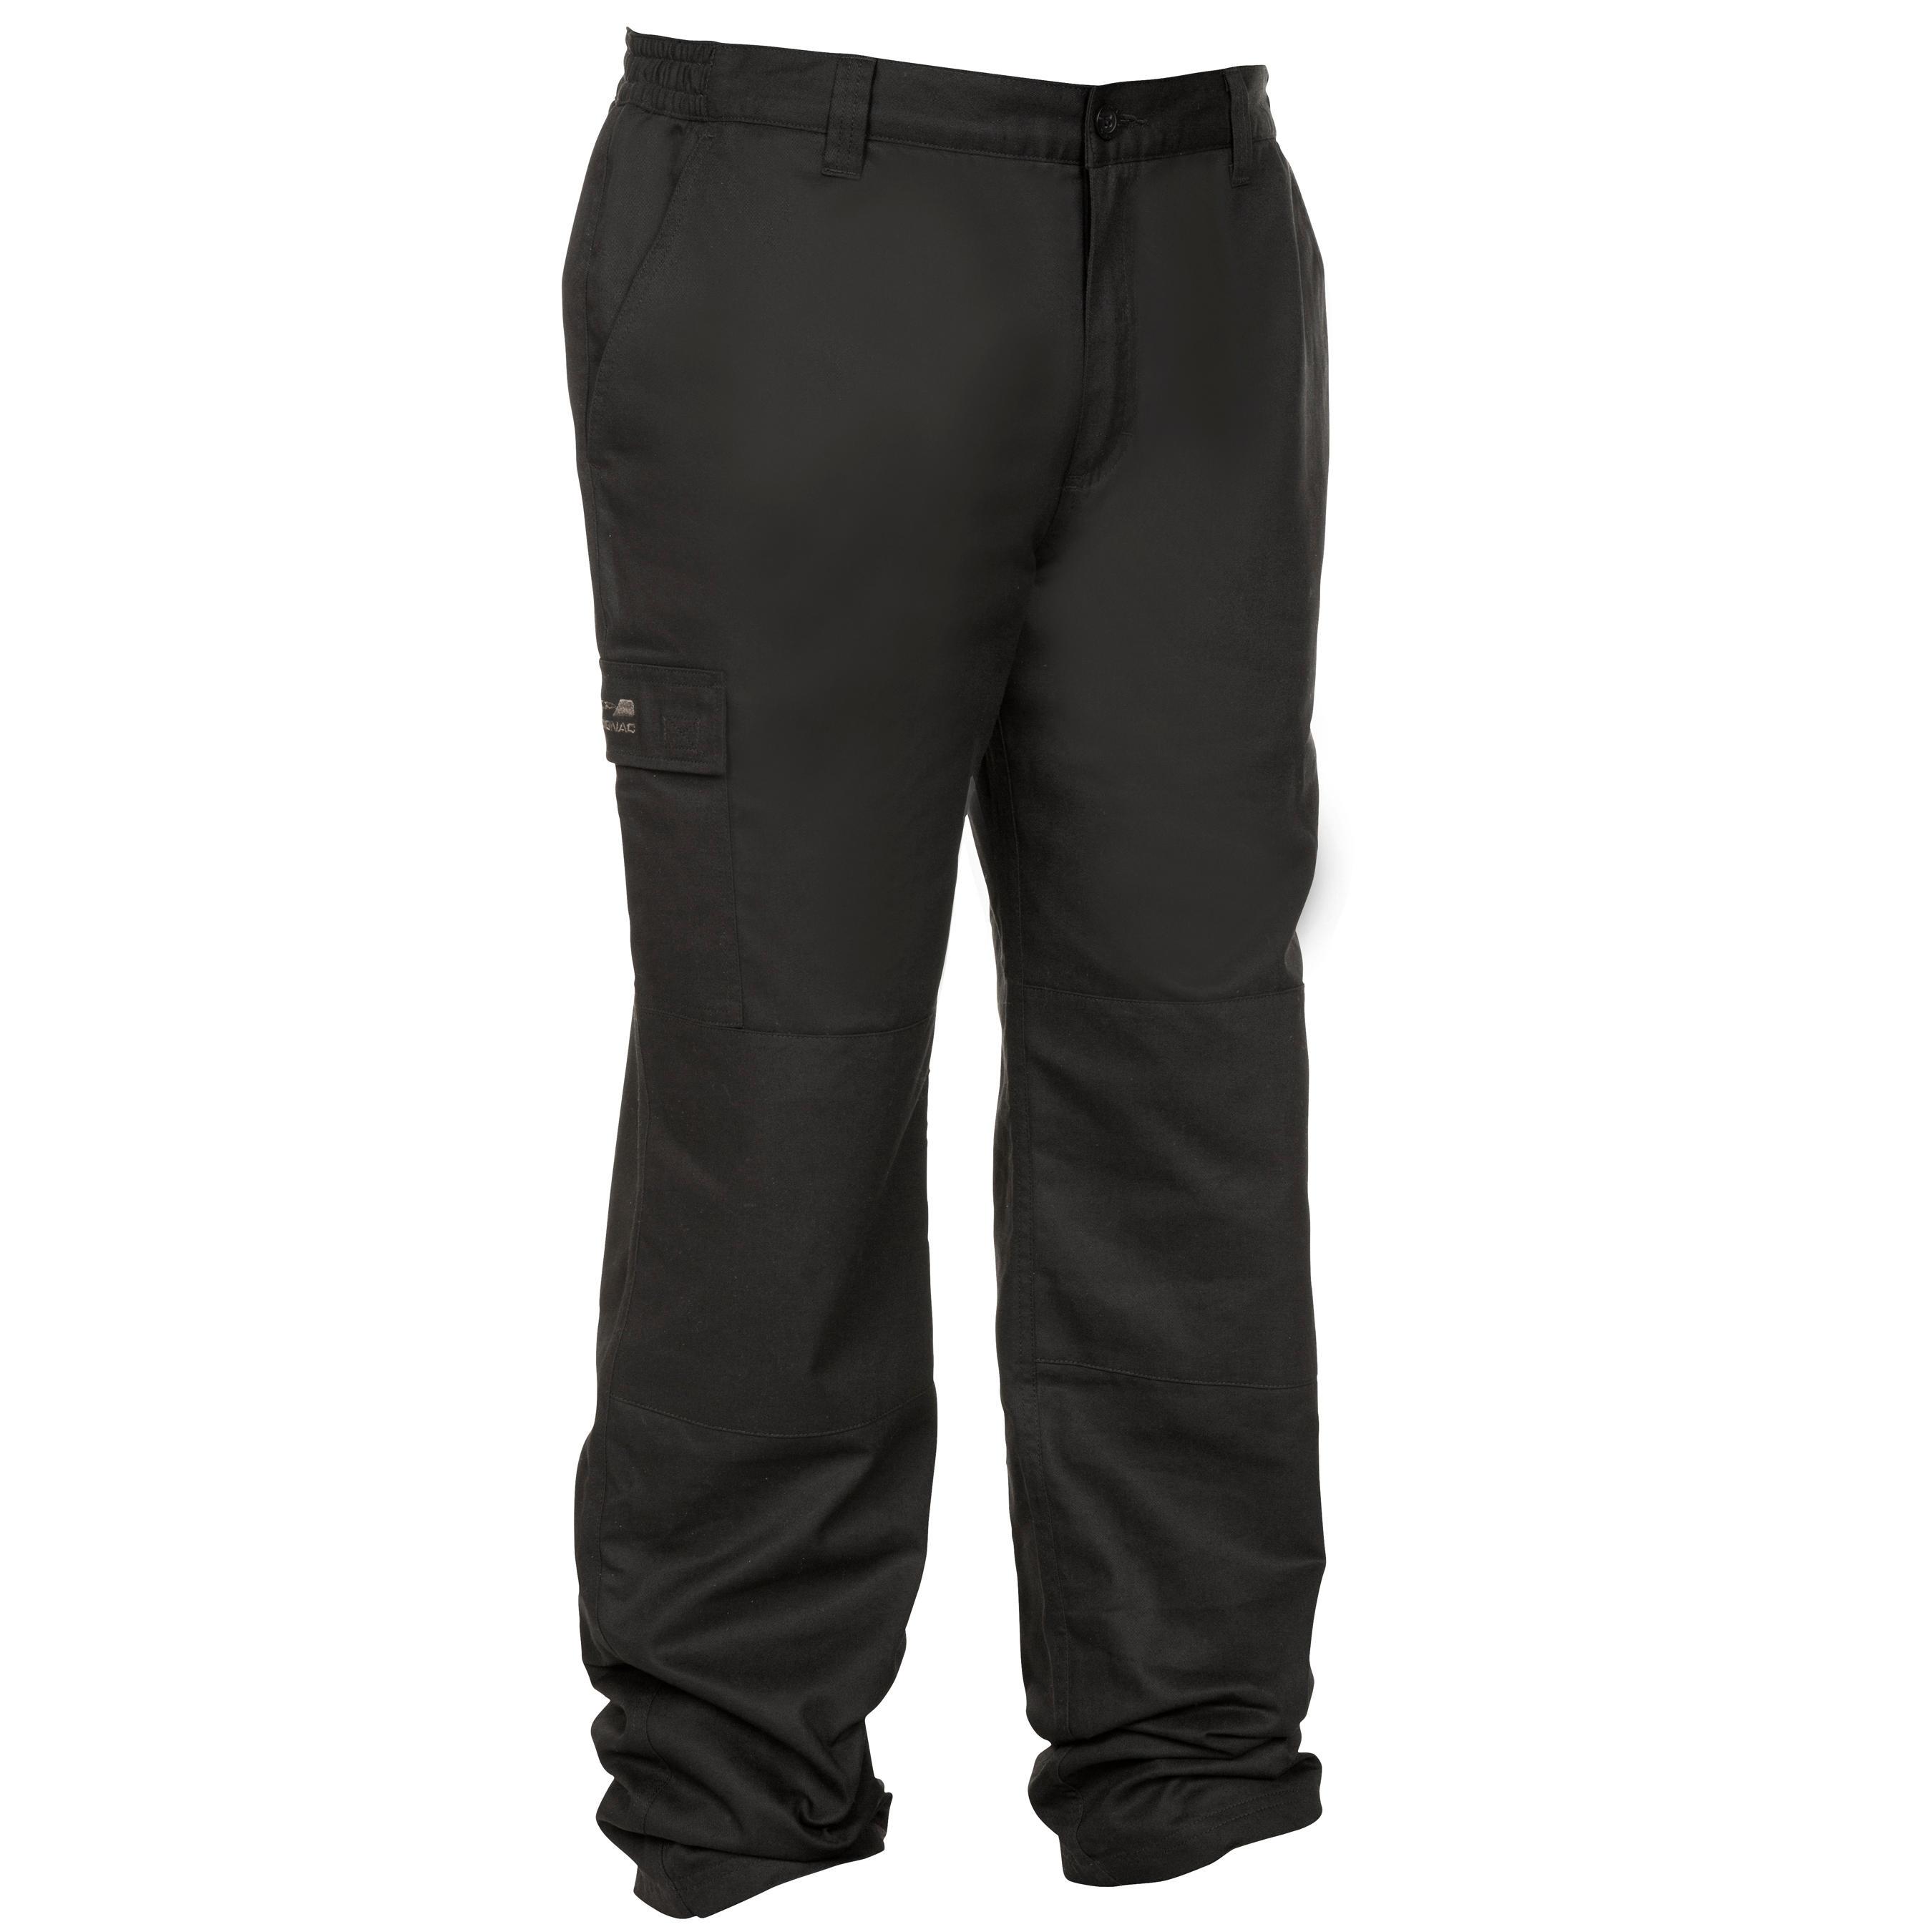 Pantalon călduros 100 negru